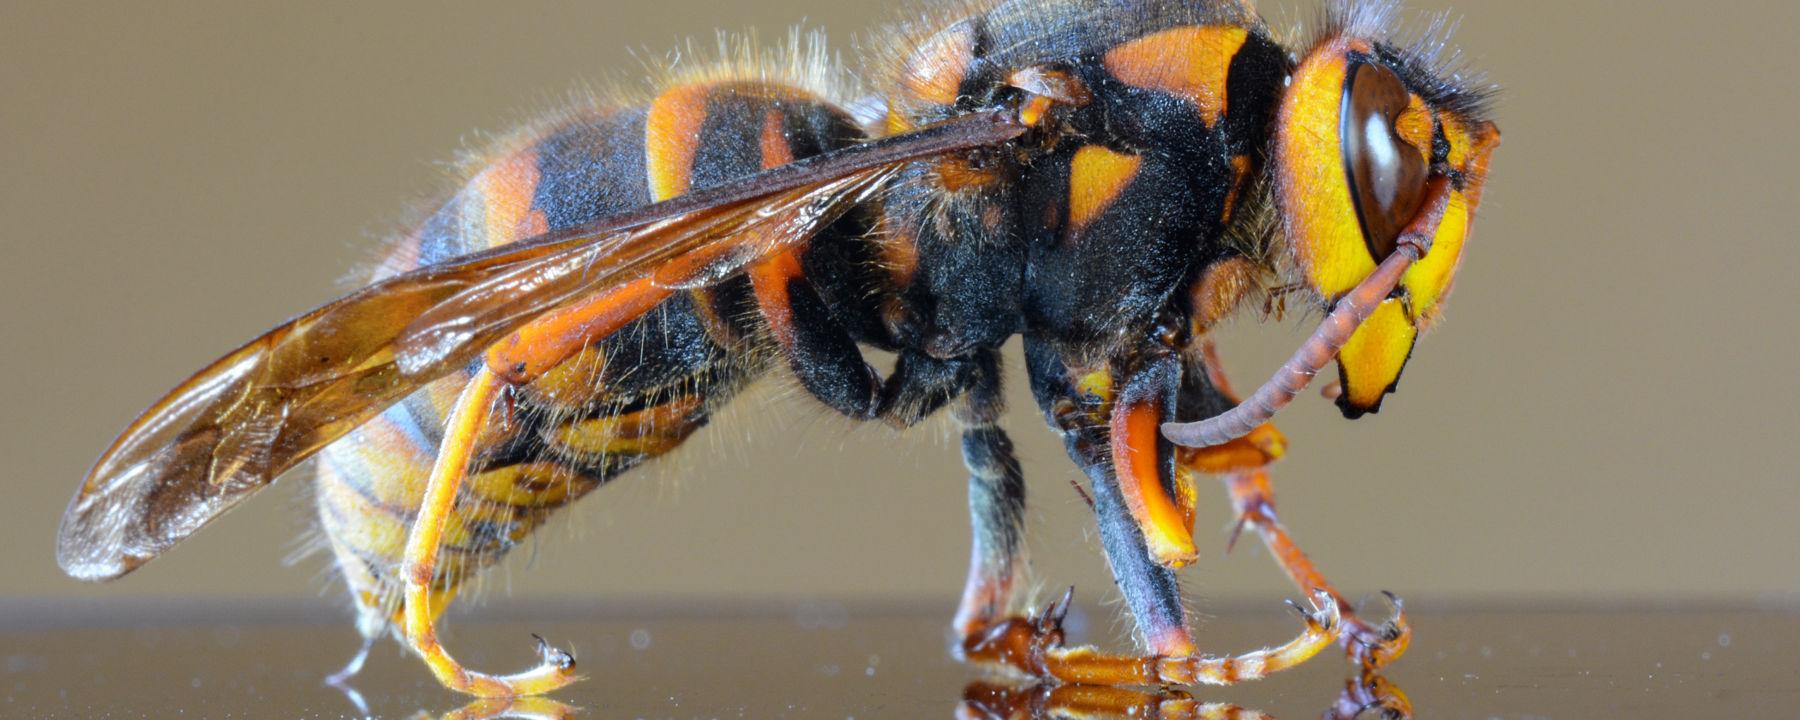 wasp-banner-x